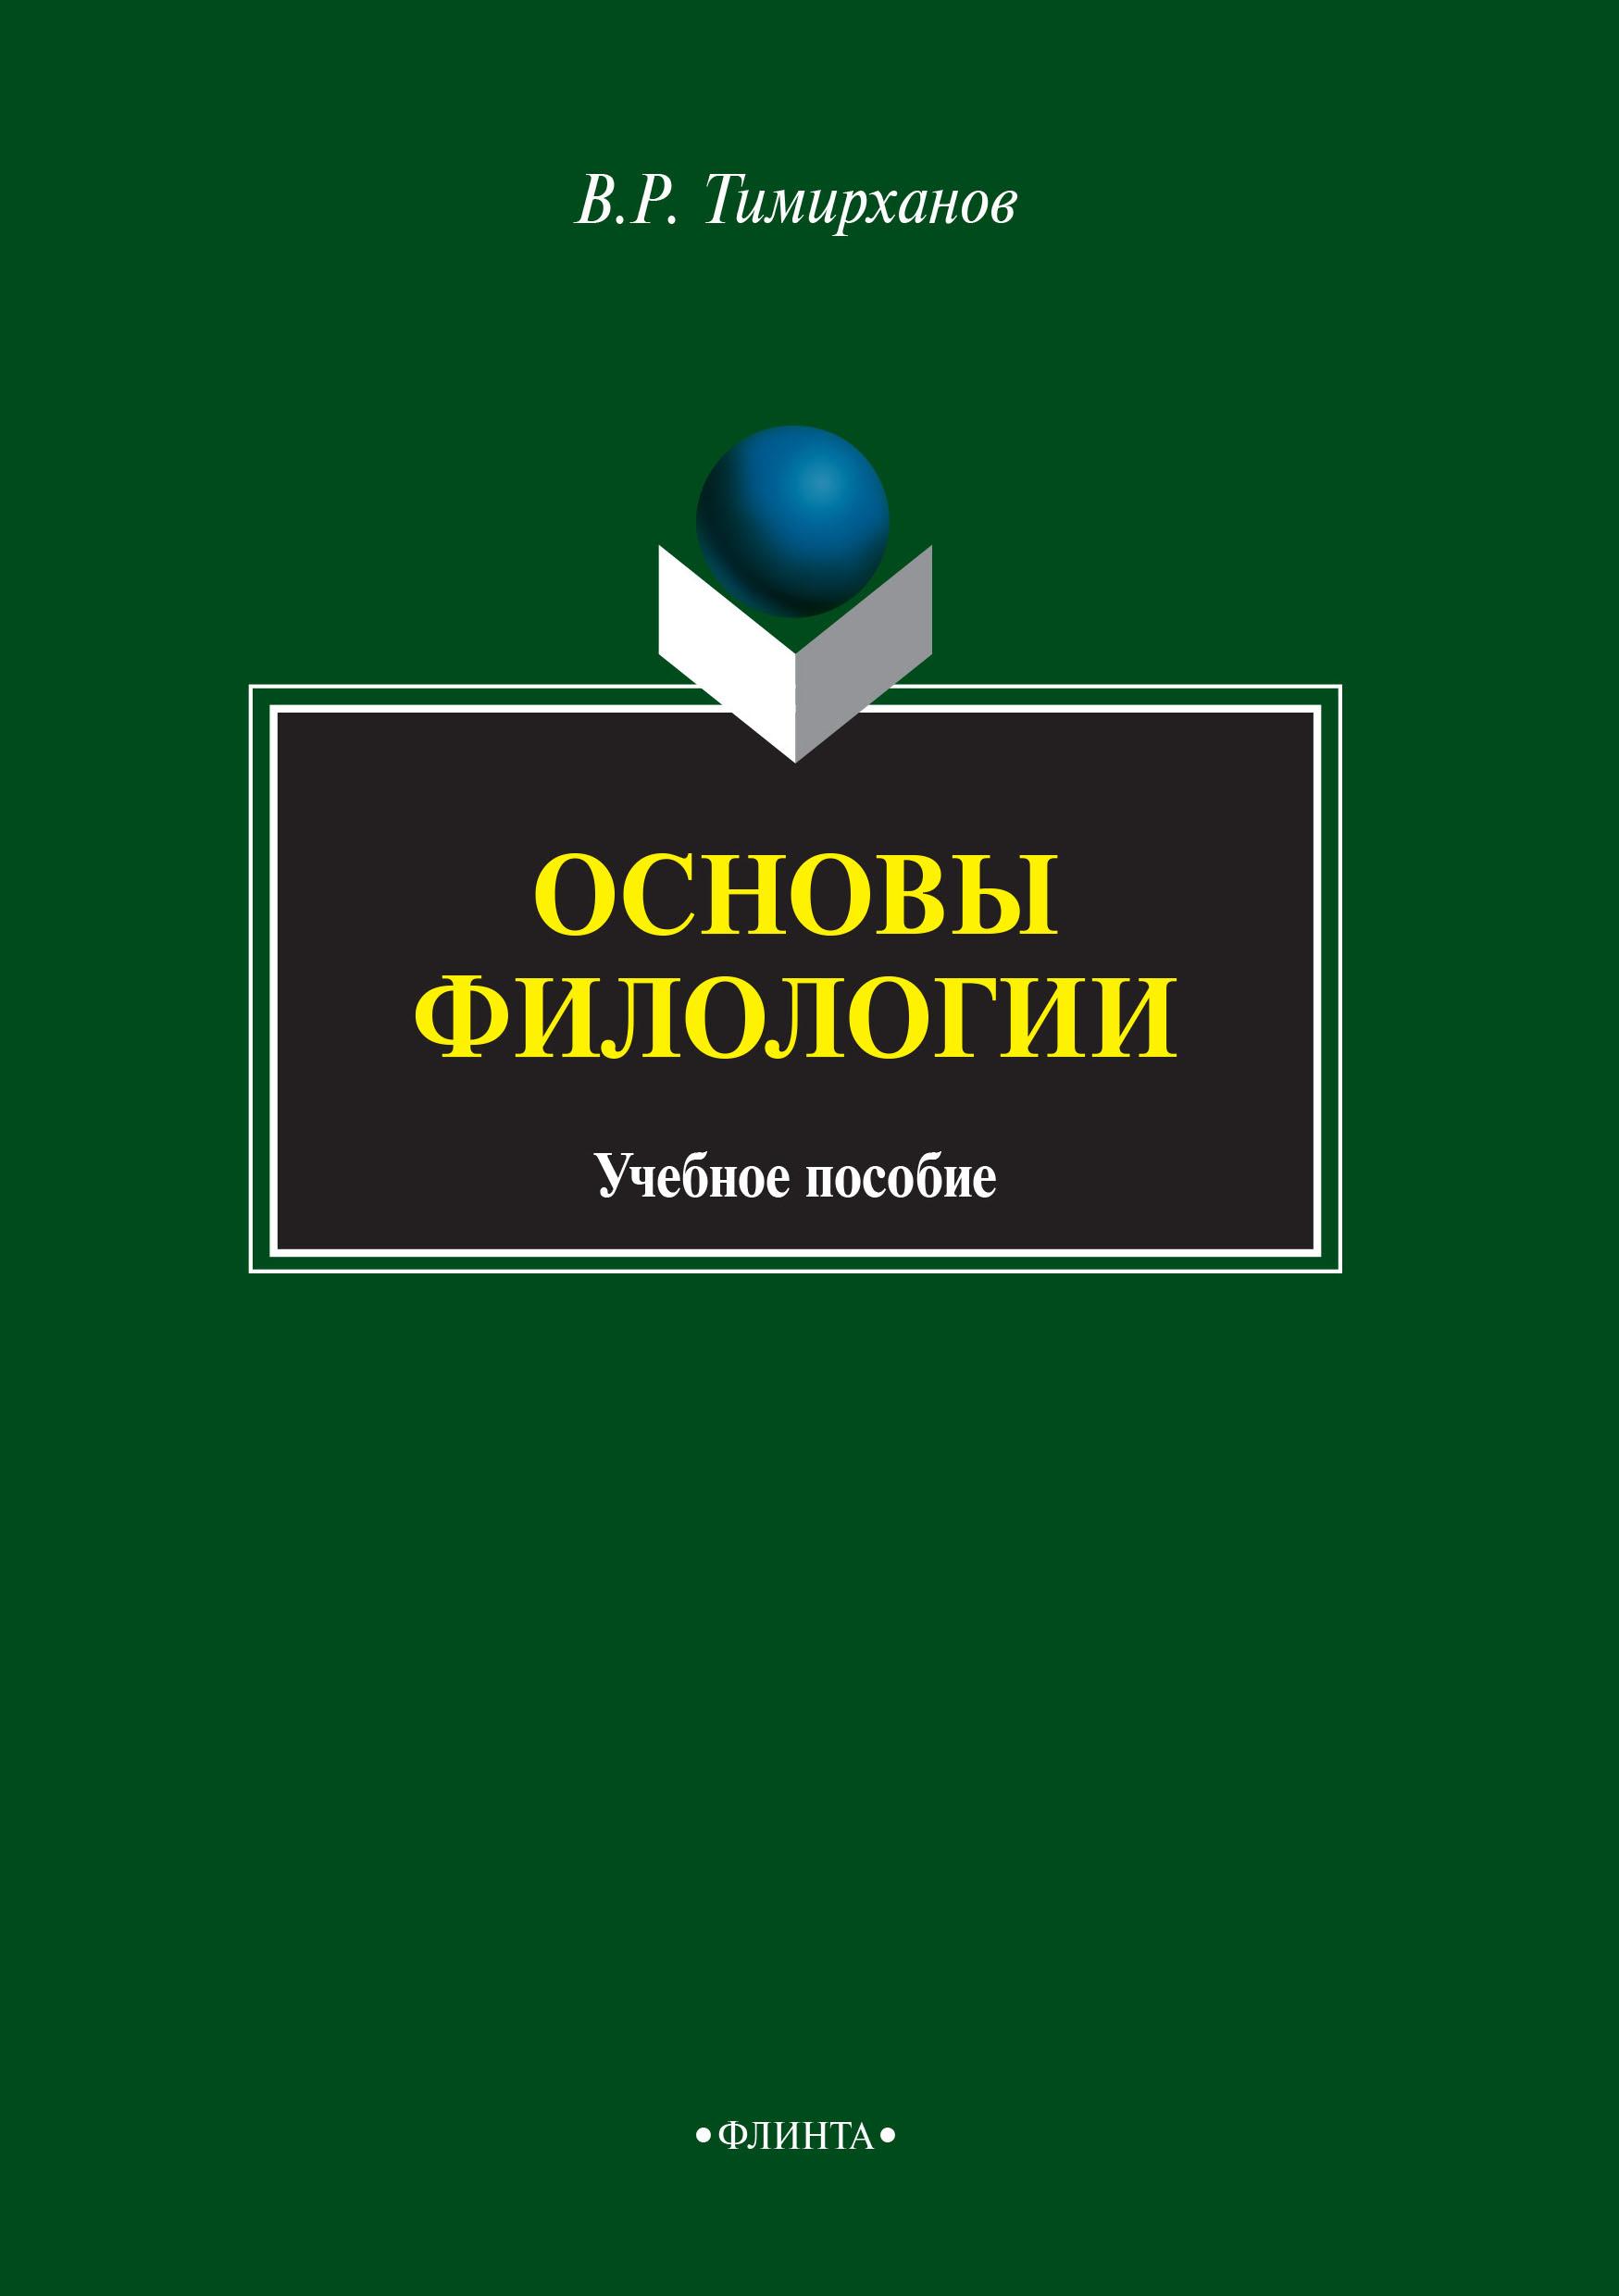 Основы филологии ( Валентин Тимирханов  )